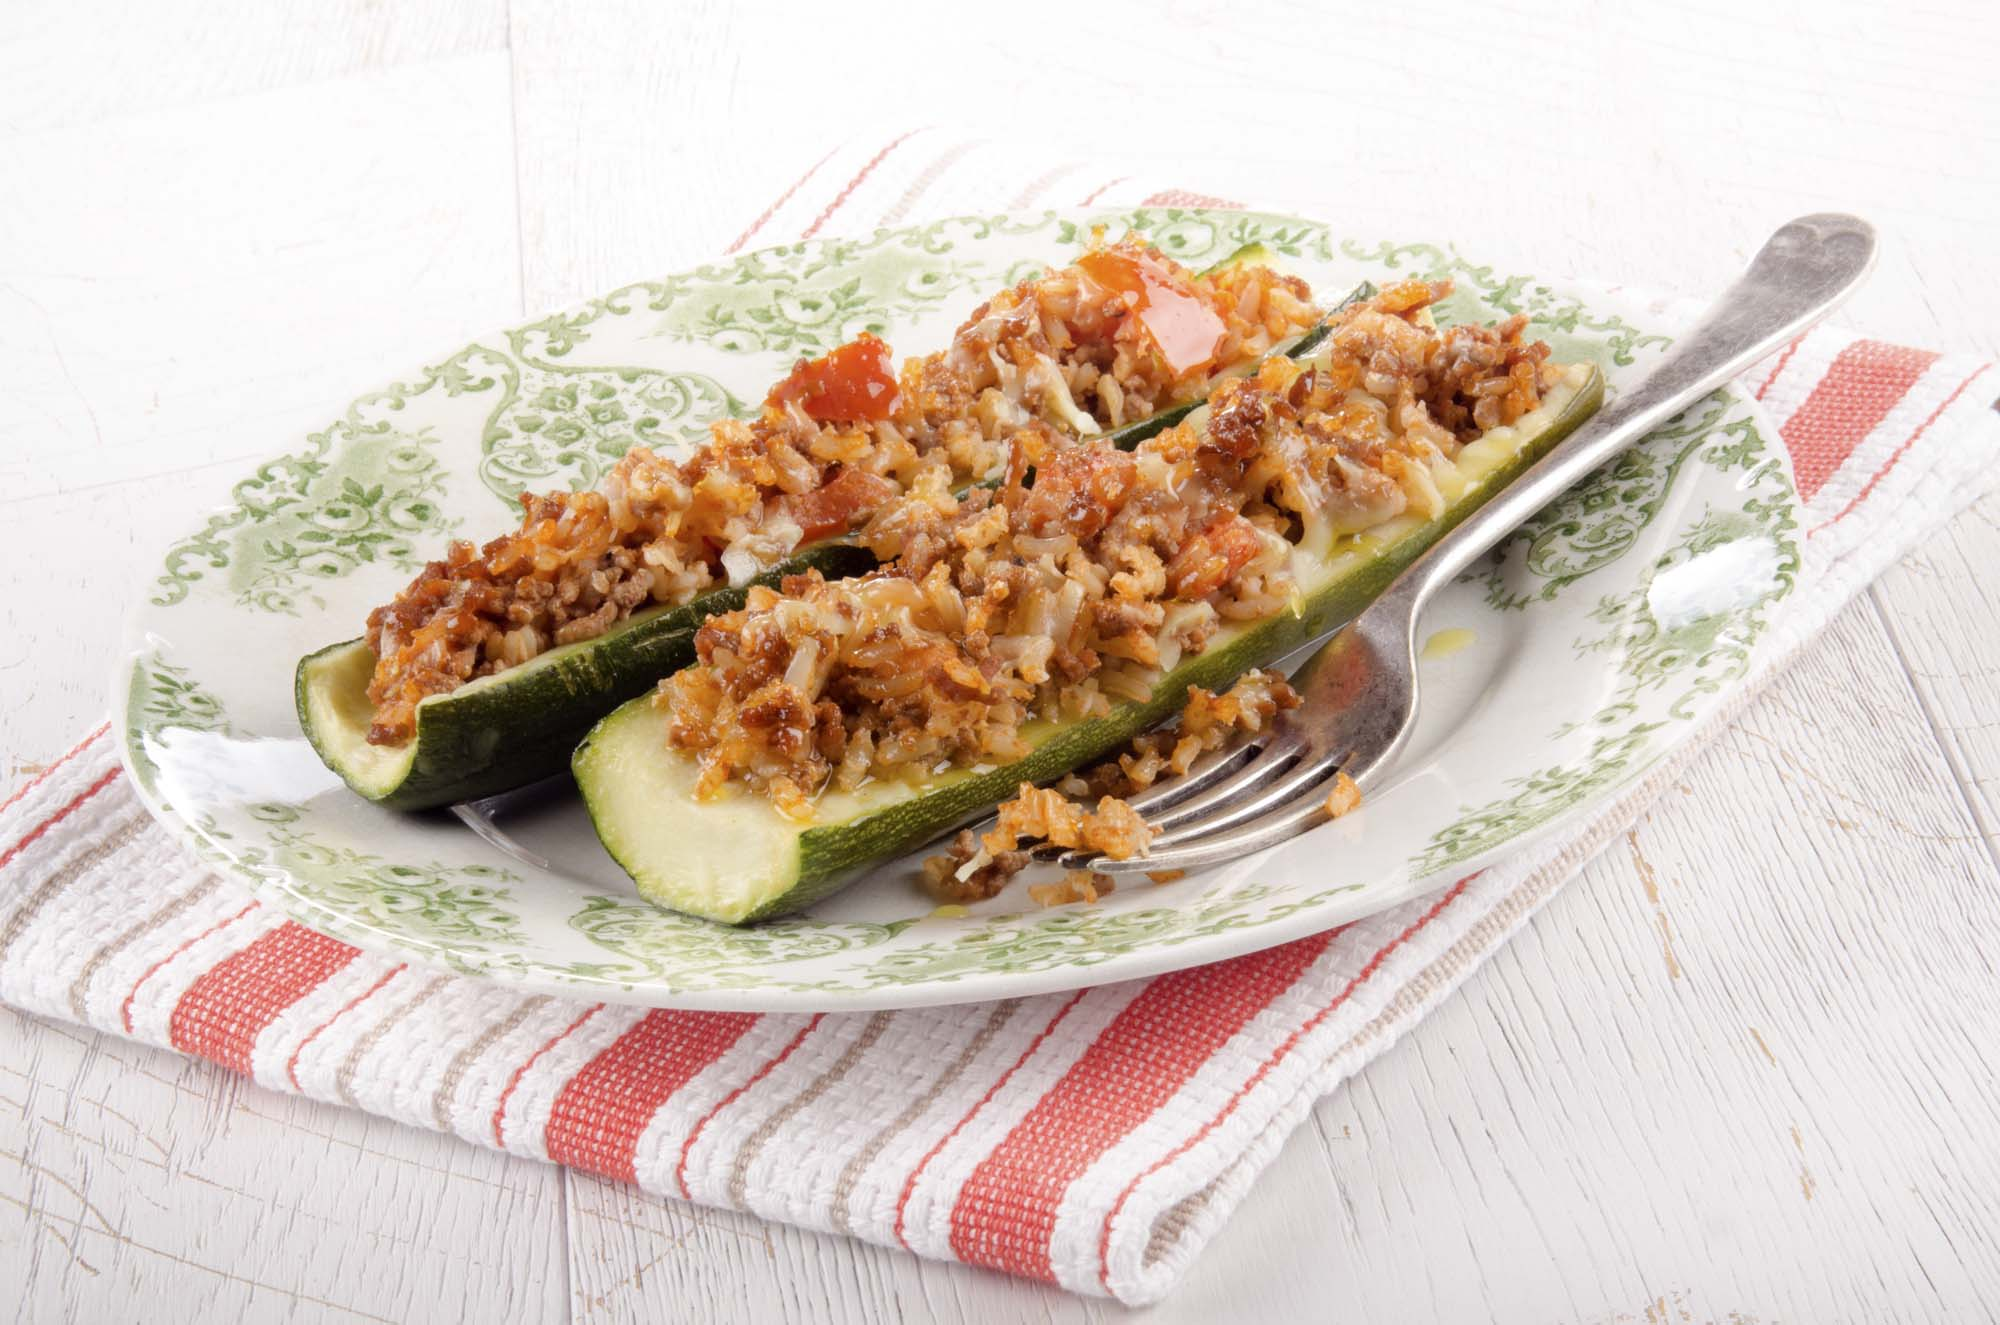 Squash fyldt med vilde ris